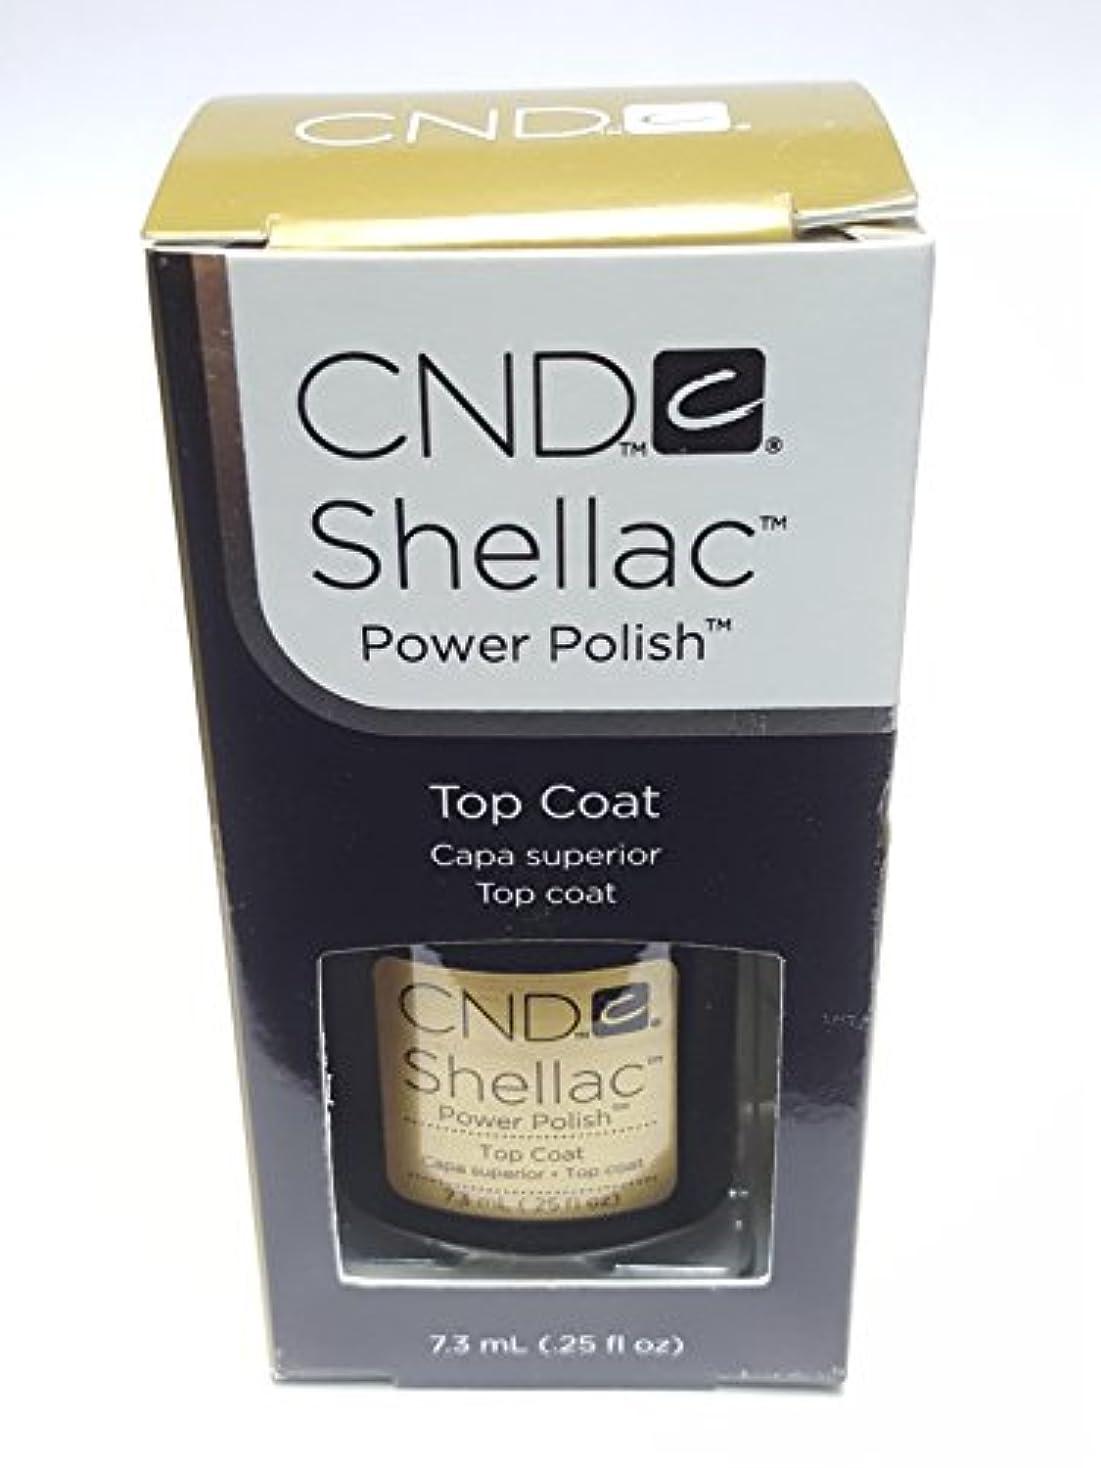 ポジティブ参加者ロイヤリティCND シーエヌディー shellac シェラック パワーポリッシュ UVトップコート 7.3ml 炭酸泉タブレット1個付き